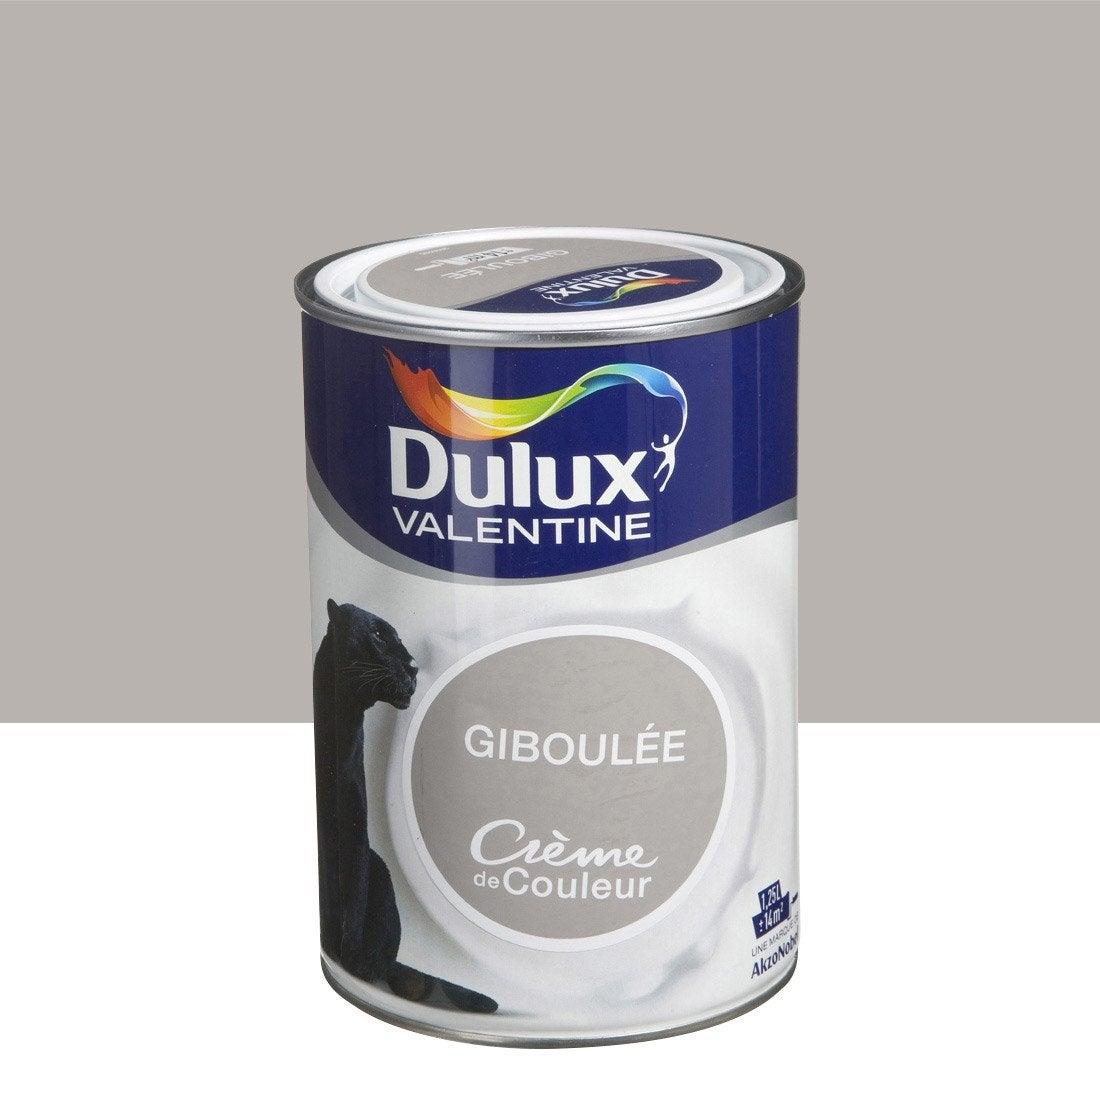 dulux couleur du monde peinture marron glac dulux valentine crme de couleur with dulux couleur. Black Bedroom Furniture Sets. Home Design Ideas